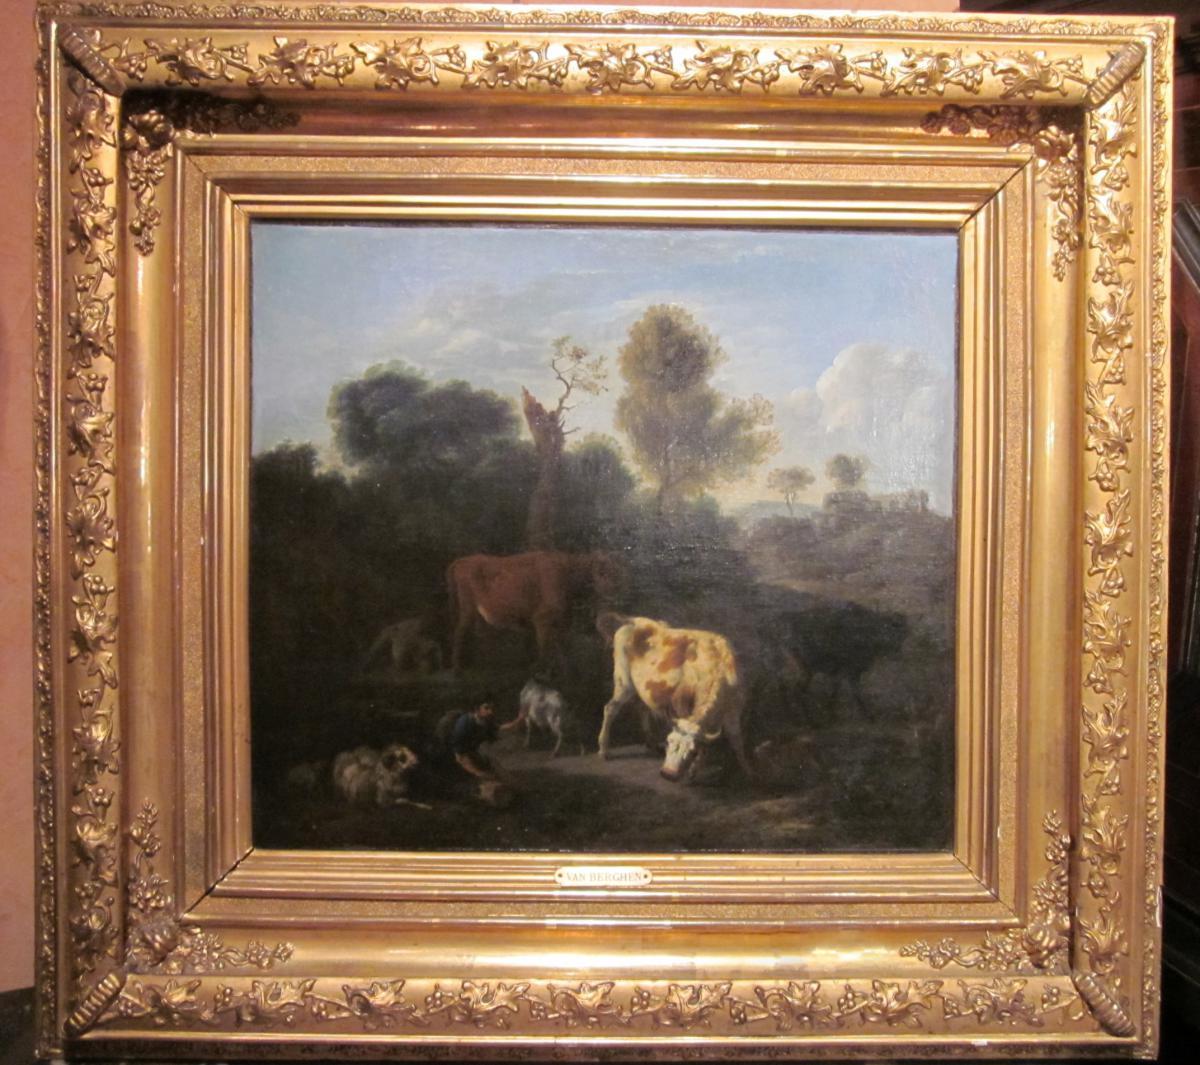 Huile sur toile, Ecole Hollandaise du XVIIème siècle